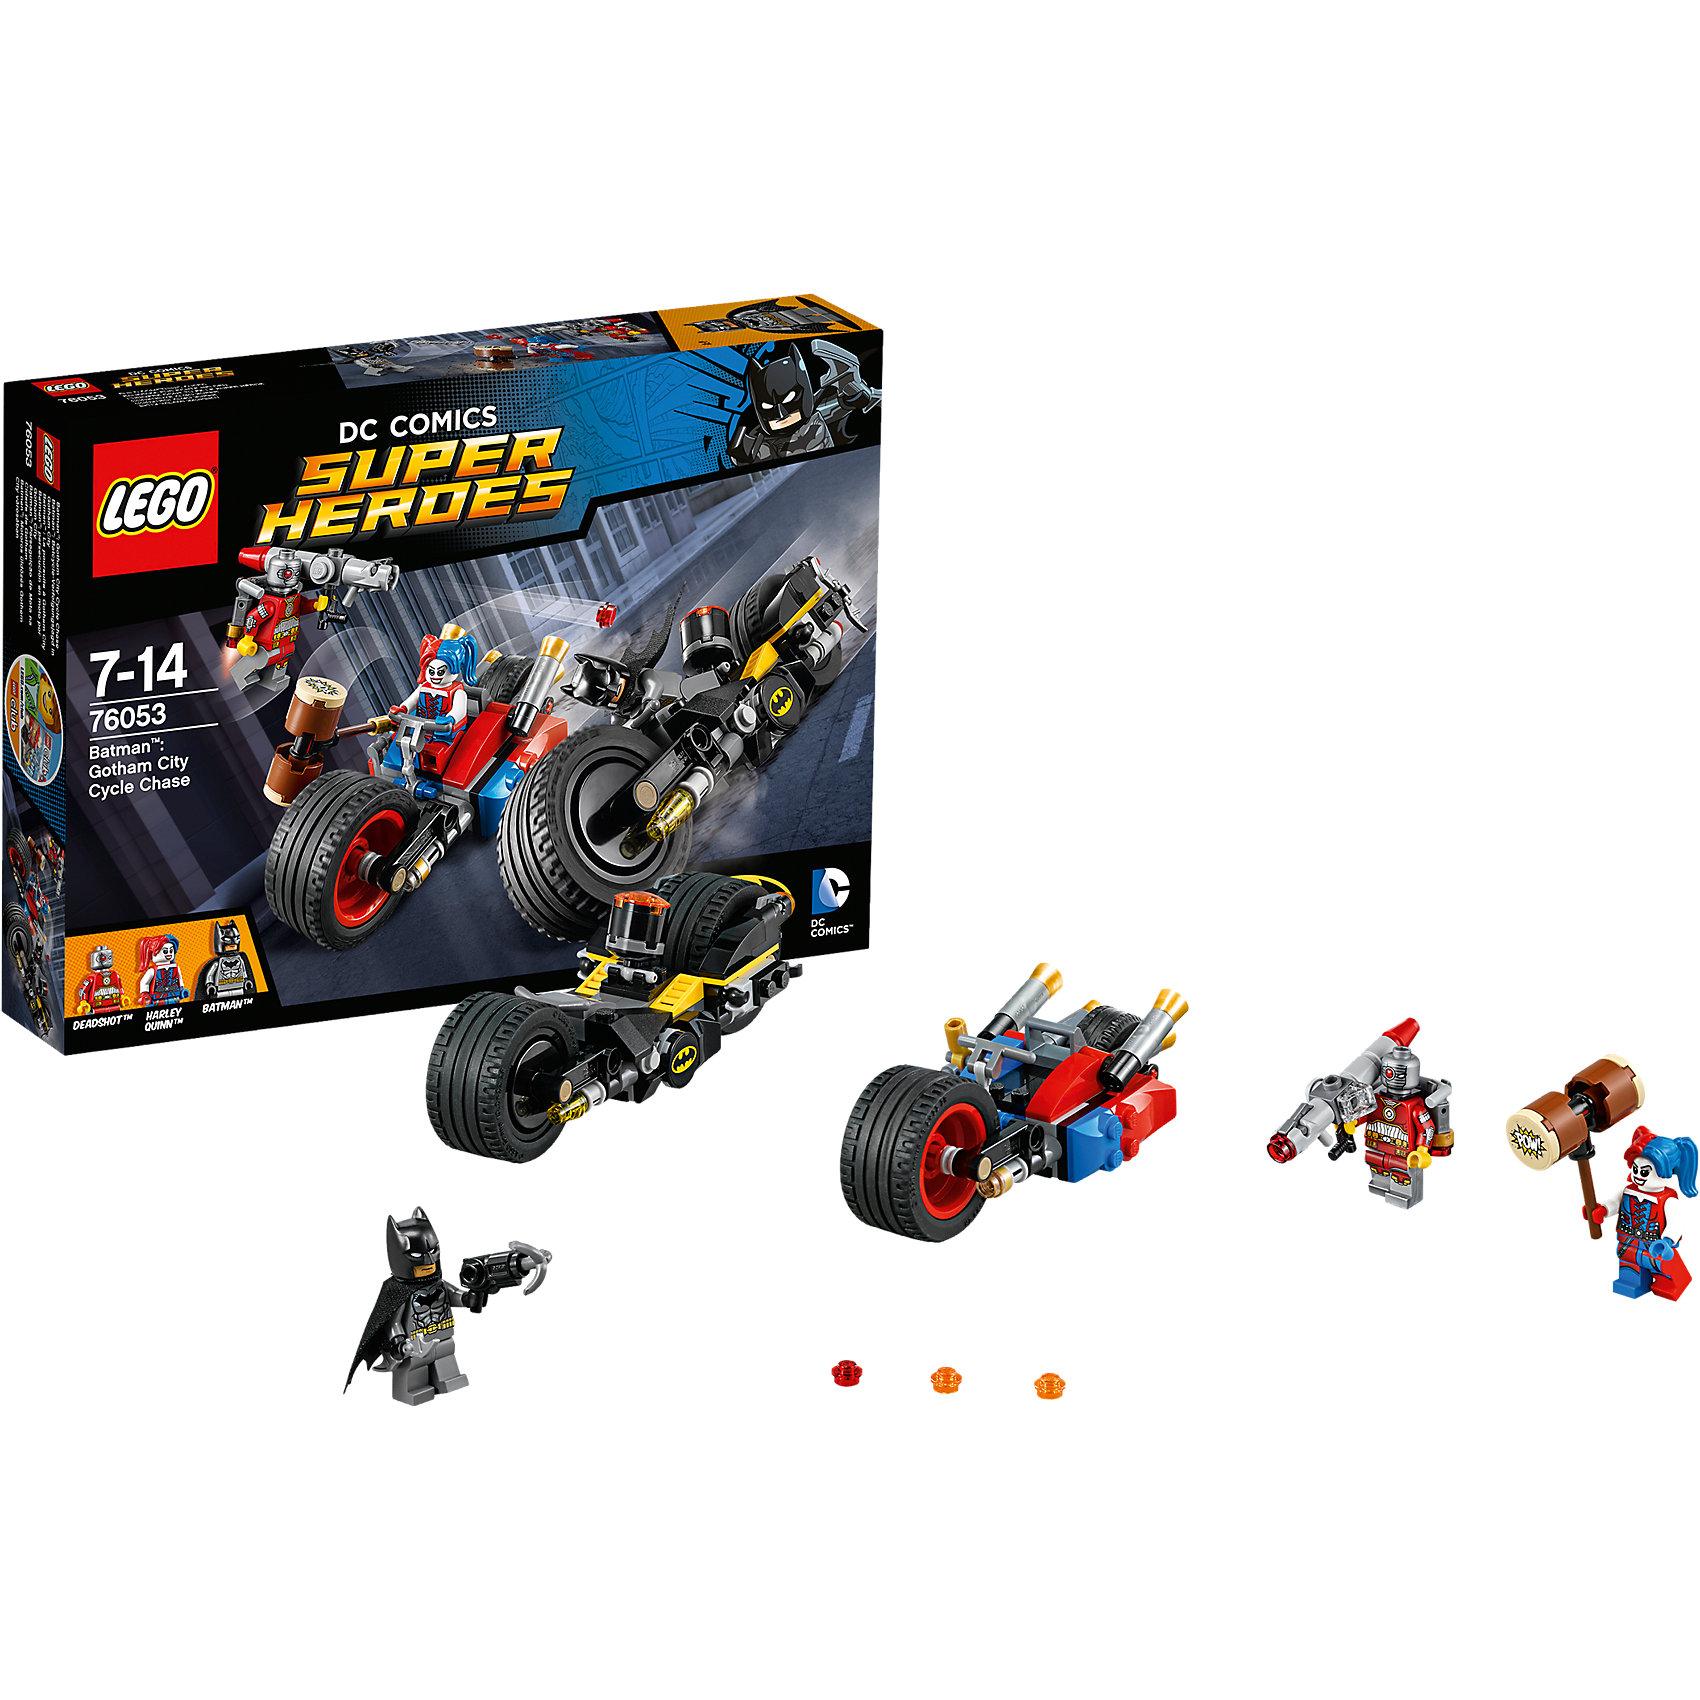 LEGO Super Heroes 76053: Бэтман: Погоня на мотоциклах по Готэм-ситиLEGO Super Heroes<br>Дэдшот летает по городу на своем реактивном ранце и стреляет из базуки, ты должен выгнать его с помощью пушки Бэтмена! Поймай Харли и перенеси схватку на землю, используя Батаранг Бэтмена и его ружье с крюком. Но осторожно— Харли может прикрепить к мотоциклу большой молоток и отправить Бэтмена в полет!<br><br>LEGO Super Heroes (ЛЕГО Супер Герои) - серия конструкторов созданная специально по мотивам всеми известных комиксов. Спасай мир и борись со злом вместе с любимыми супергероями! Наборы серии можно комбинировать между собой, давая безграничные просторы для фантазии и придумывая свои новые истории. <br><br>Дополнительная информация:<br><br>- Конструкторы ЛЕГО развивают усидчивость, внимание, фантазию и мелкую моторику. <br>- 3 минифигурки в комплекте: Харли, Дэдшот, Харли.<br>- В комплекте 3 минифигурки, аксессуары, мотоциклы.<br>- Колеса мотоциклов вращаются.<br>- Количество деталей: 224.<br>- Серия ЛЕГО Супер Герои (LEGO Super Heroes).<br>- Материал: пластик.<br>- Размер упаковки: 26х4,6х19 см.<br>- Вес: 0.315 кг.<br><br>Конструктор LEGO Super Heroes 76053: Бэтмен: Погоня на мотоциклах по Готэм-сити можно купить в нашем магазине.<br><br>Ширина мм: 264<br>Глубина мм: 192<br>Высота мм: 53<br>Вес г: 315<br>Возраст от месяцев: 84<br>Возраст до месяцев: 168<br>Пол: Мужской<br>Возраст: Детский<br>SKU: 4259162